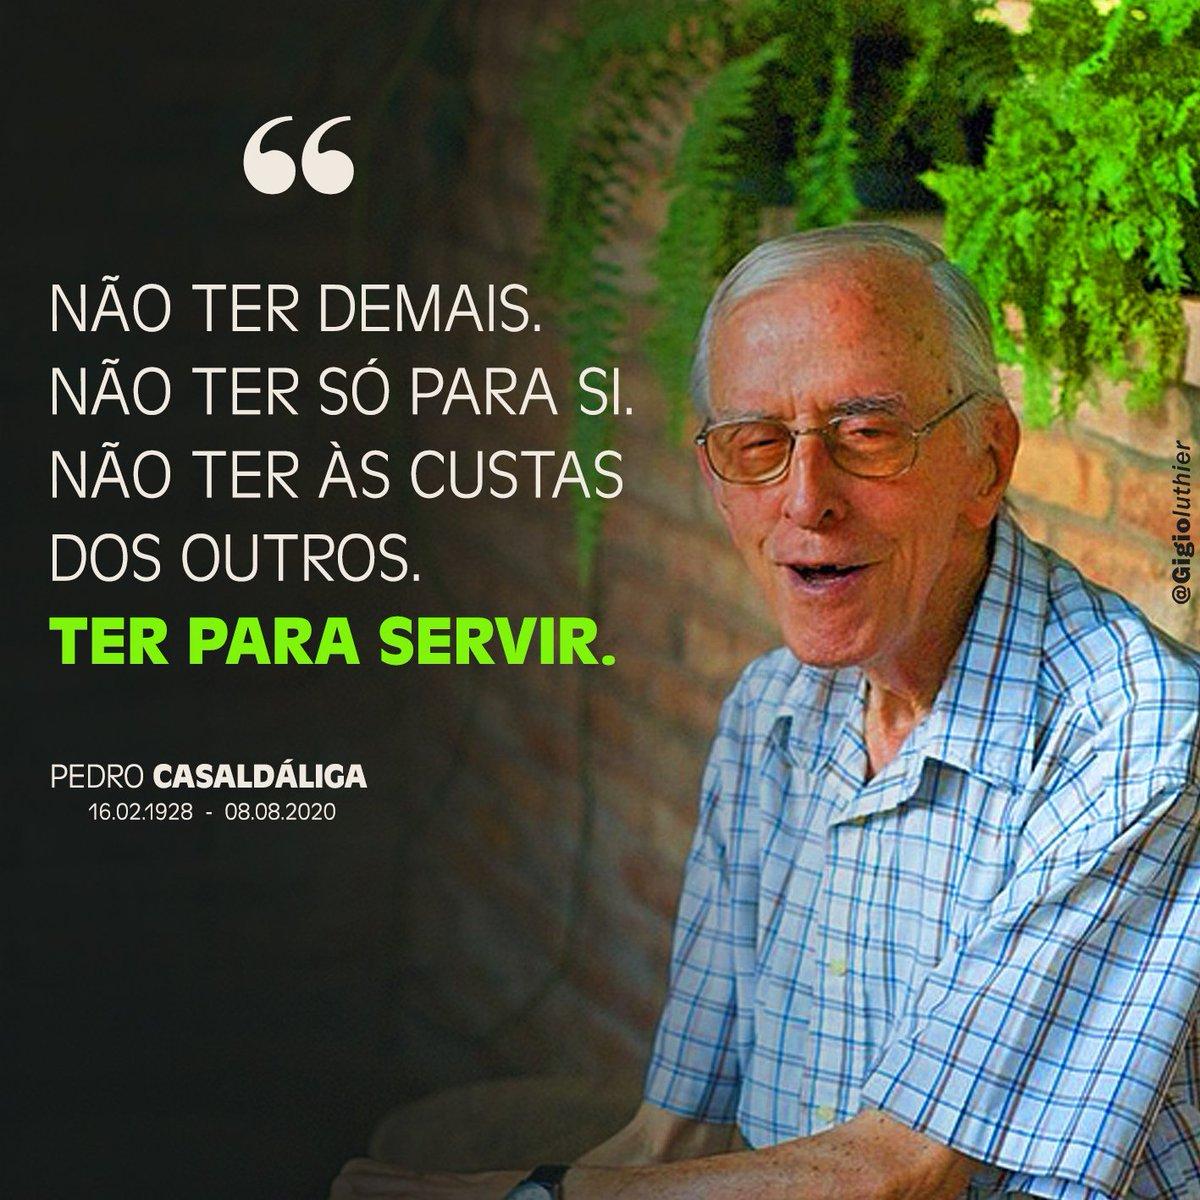 Uma perda irreparável de Dom Pedro Casaldáliga, grande guerreiro contra a miséria e a injustiça social.  #gigioluthier #twitter #dompedrocasaldáliga #fight #luta #solidarity #solidariedade #social #charity #caridade #love #amor #help #rip #share #compartilhe https://t.co/vXDnwJABAS